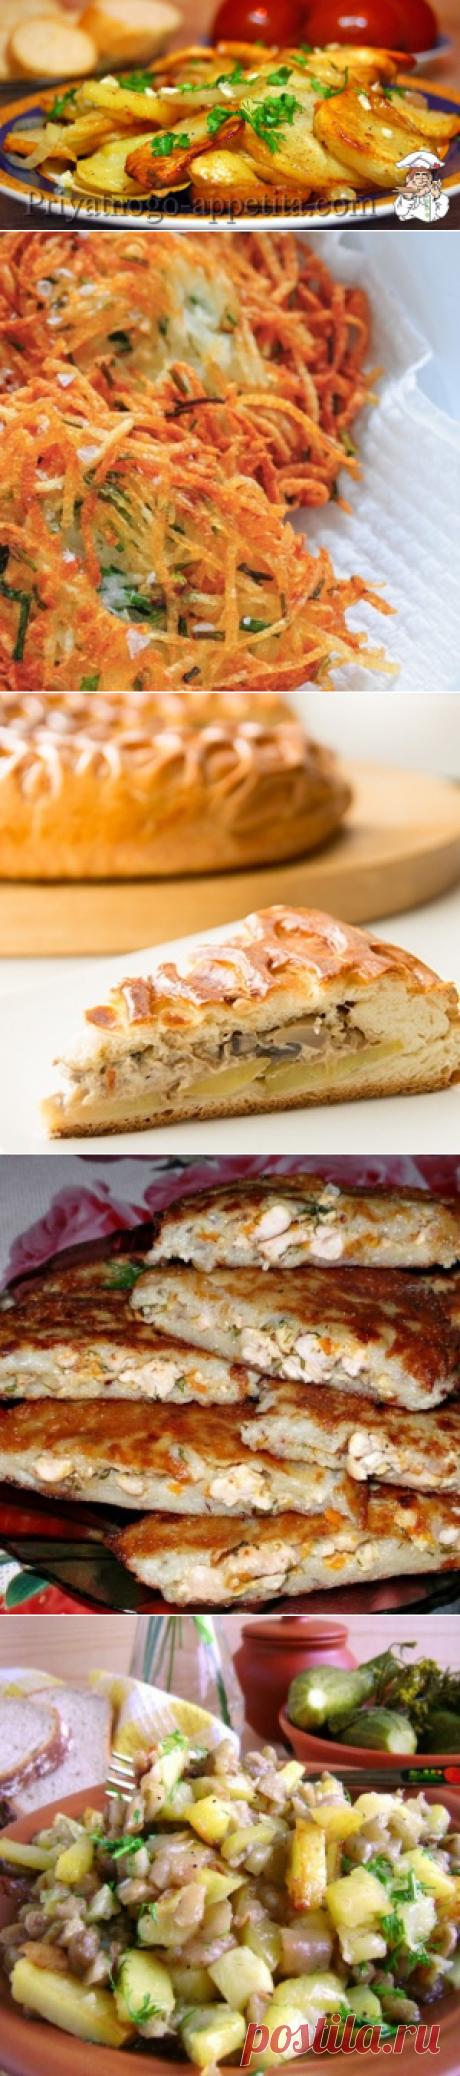 12 фантастически вкусных блюд из картофеля - МирТесен